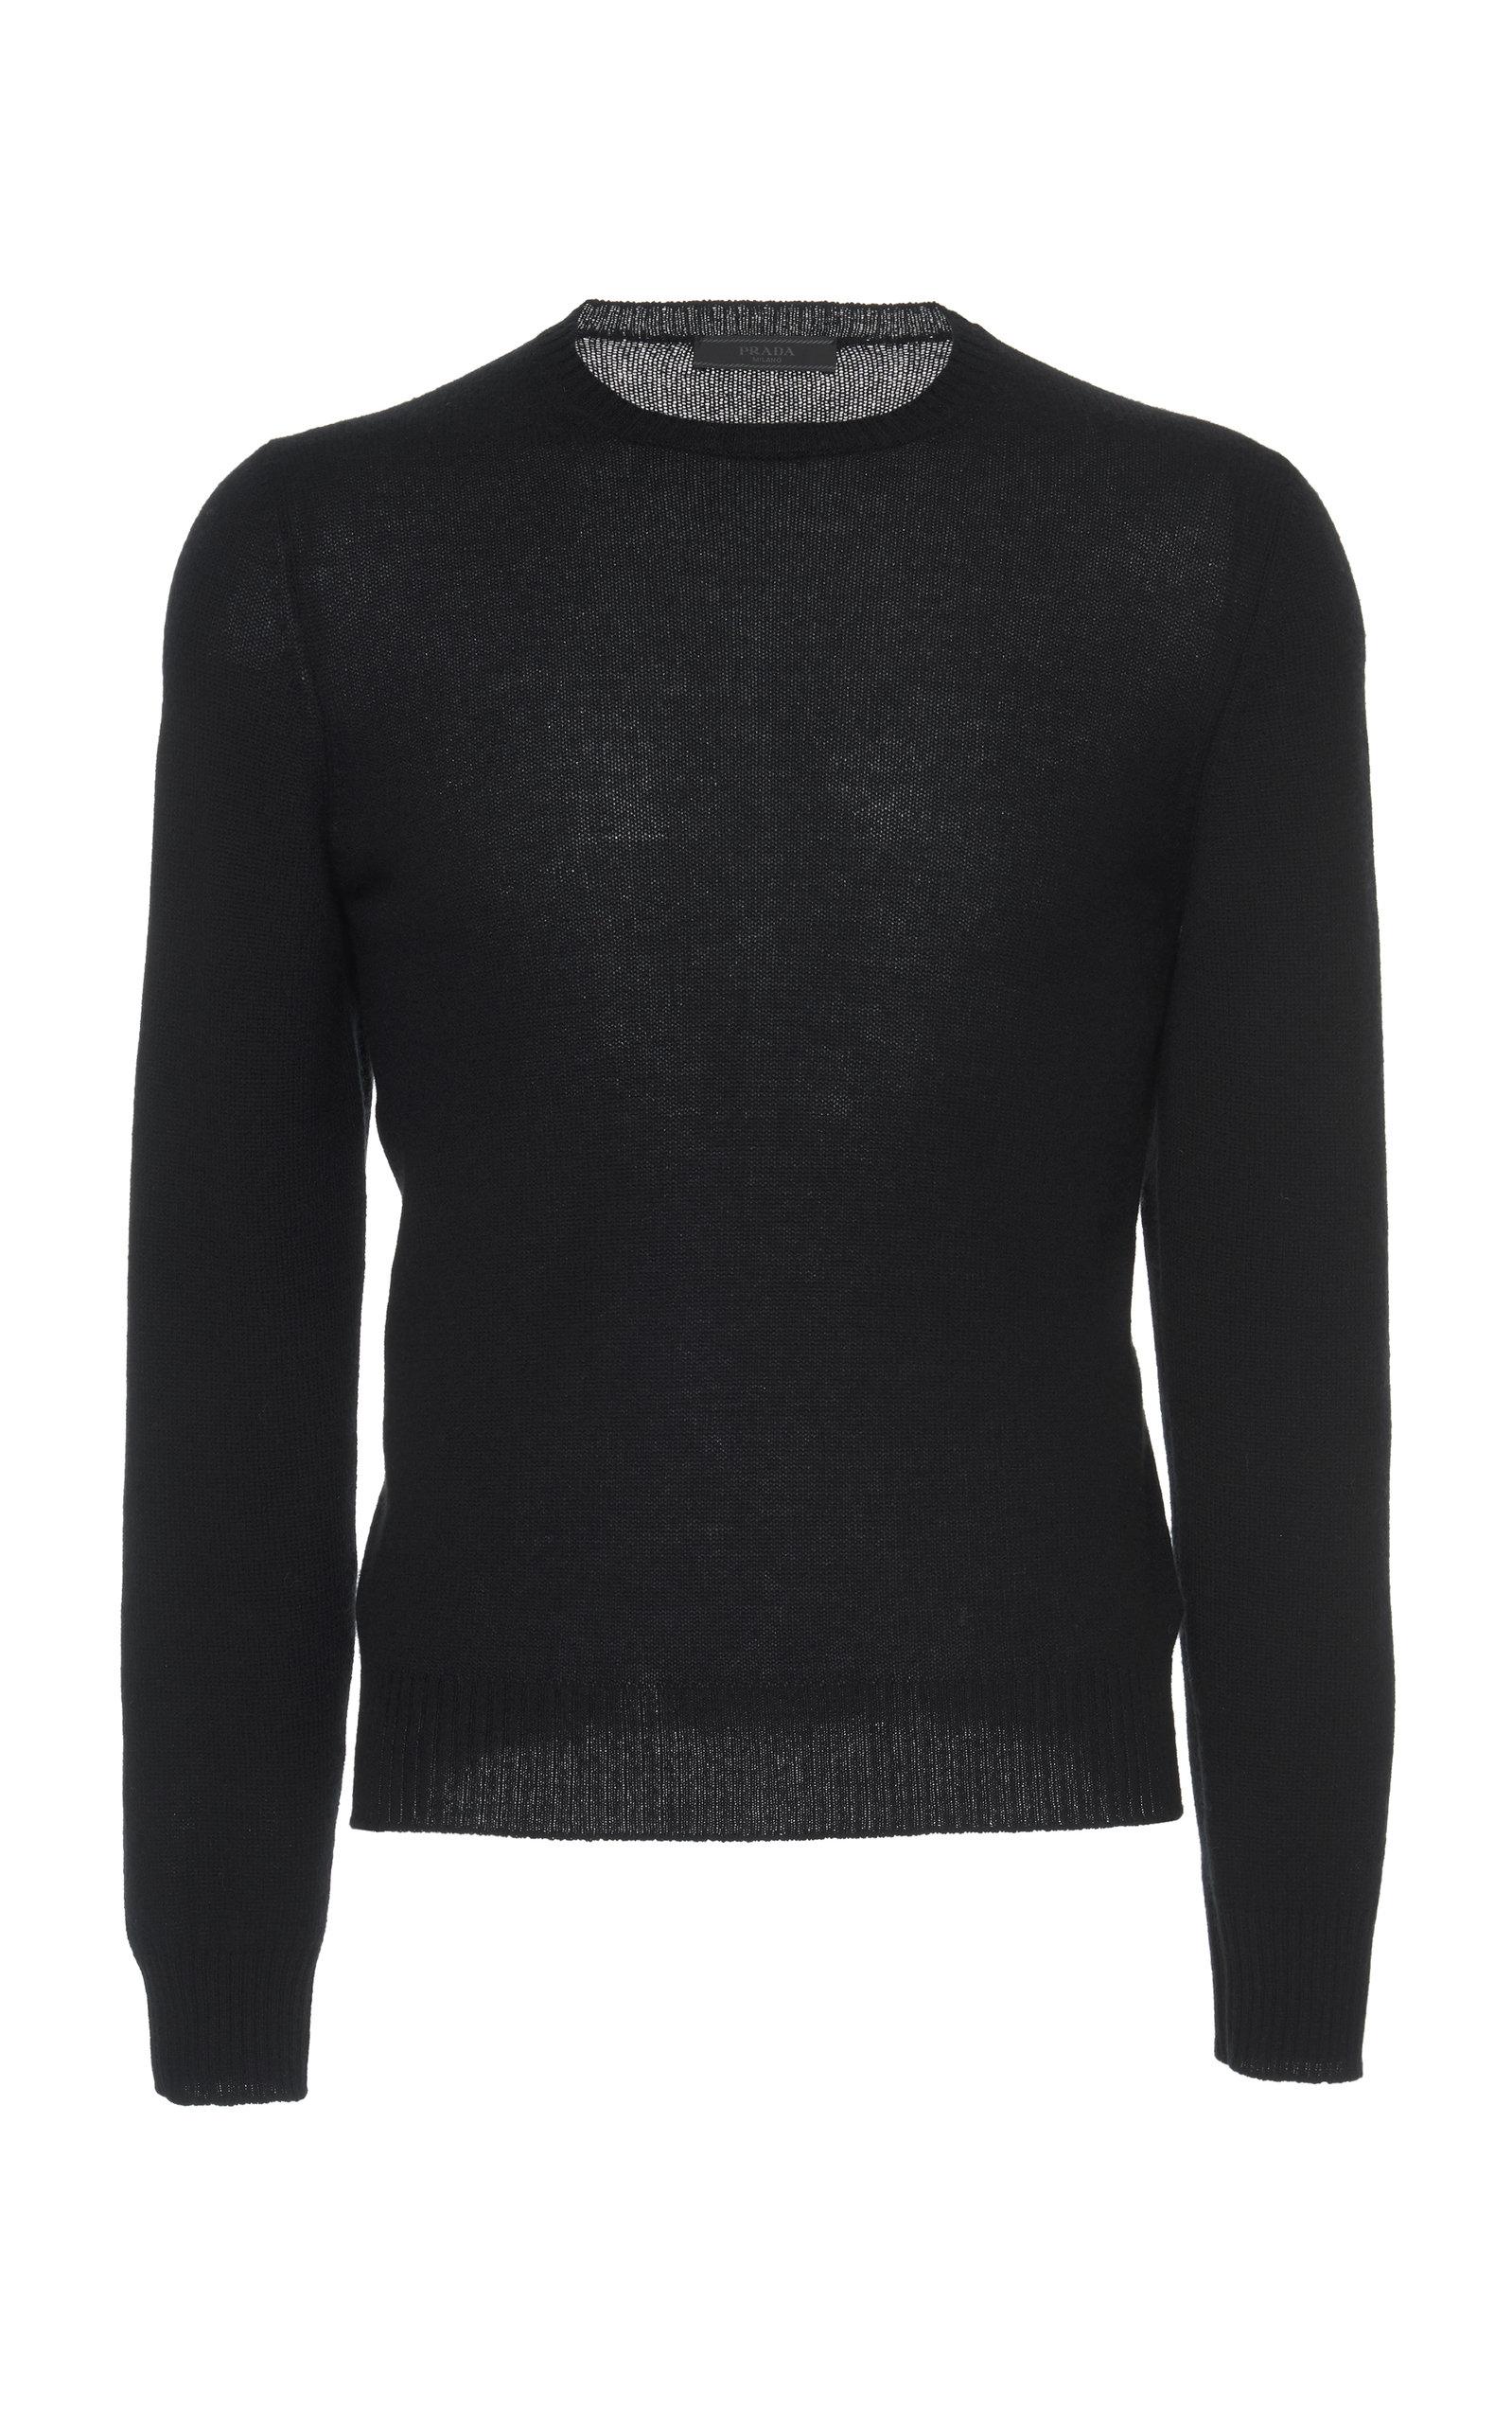 PRADA | Prada Cashmere Crewneck Sweater | Goxip